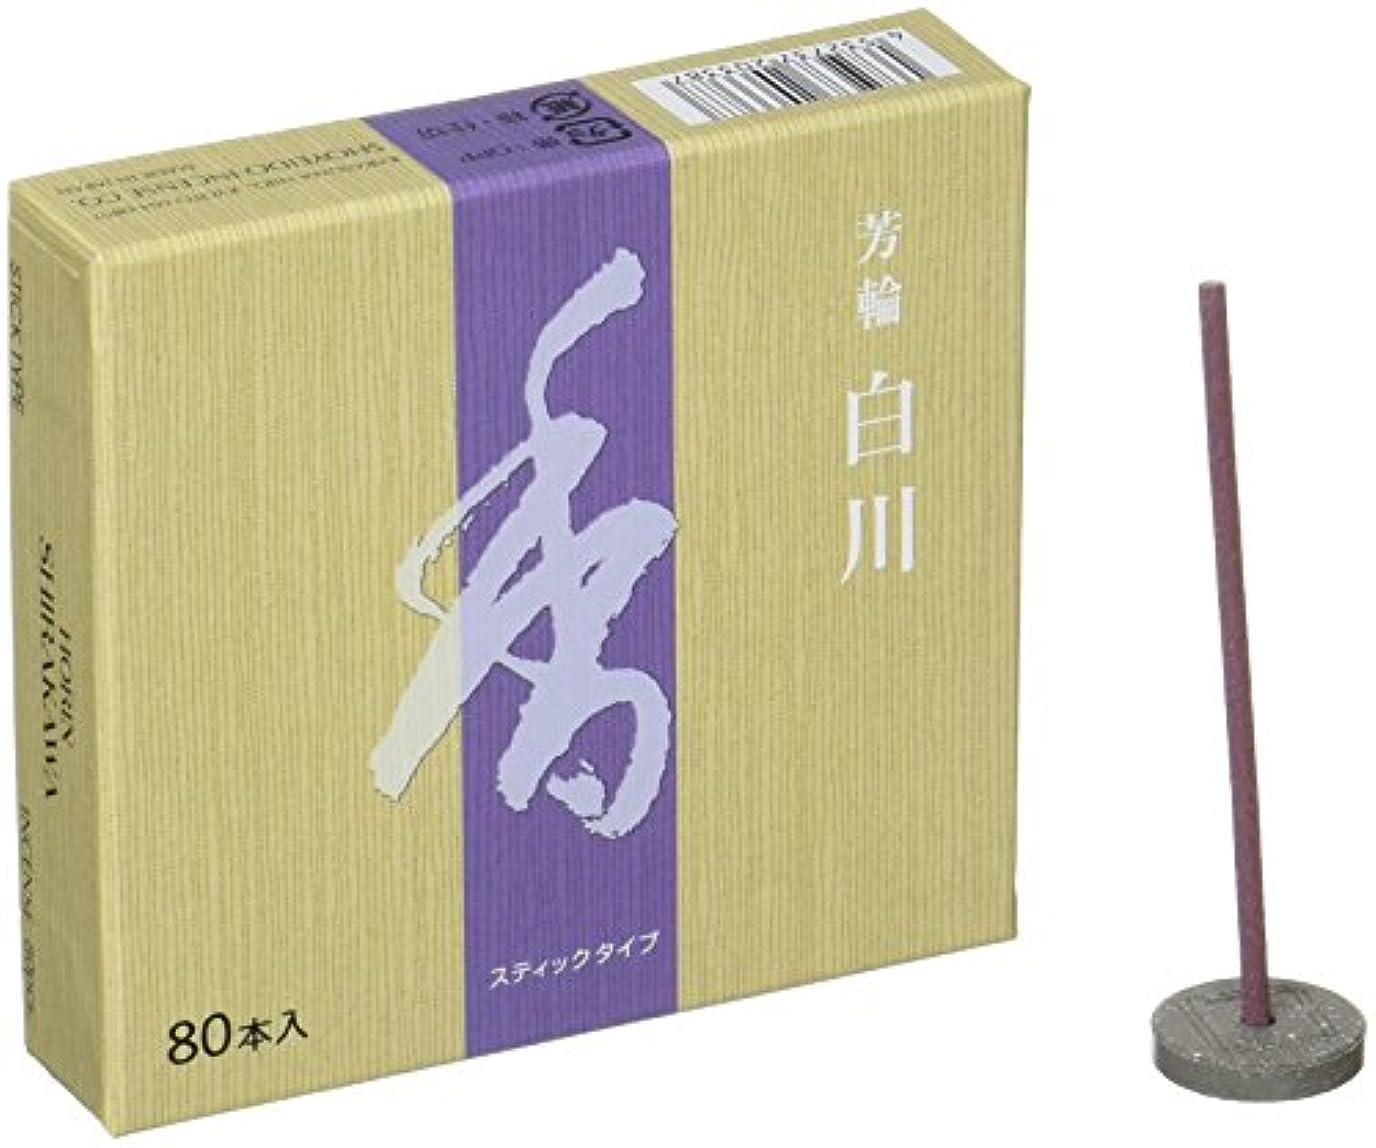 シットコム終点集団的芳輪シリーズ 白川スティック80本入 83×90×22